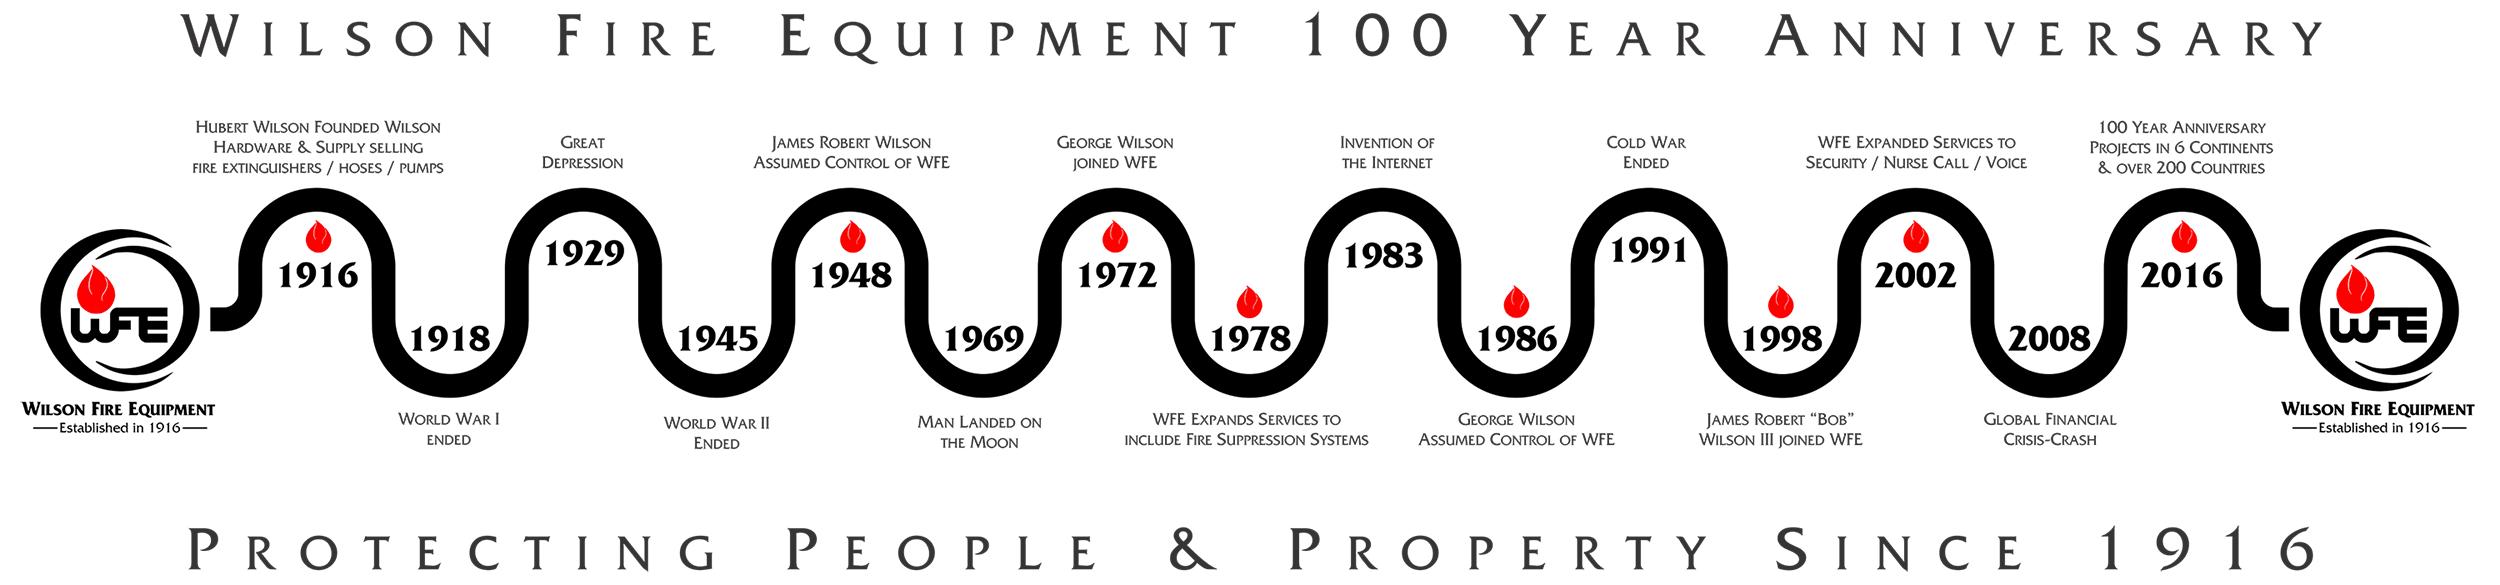 WFE Timeline